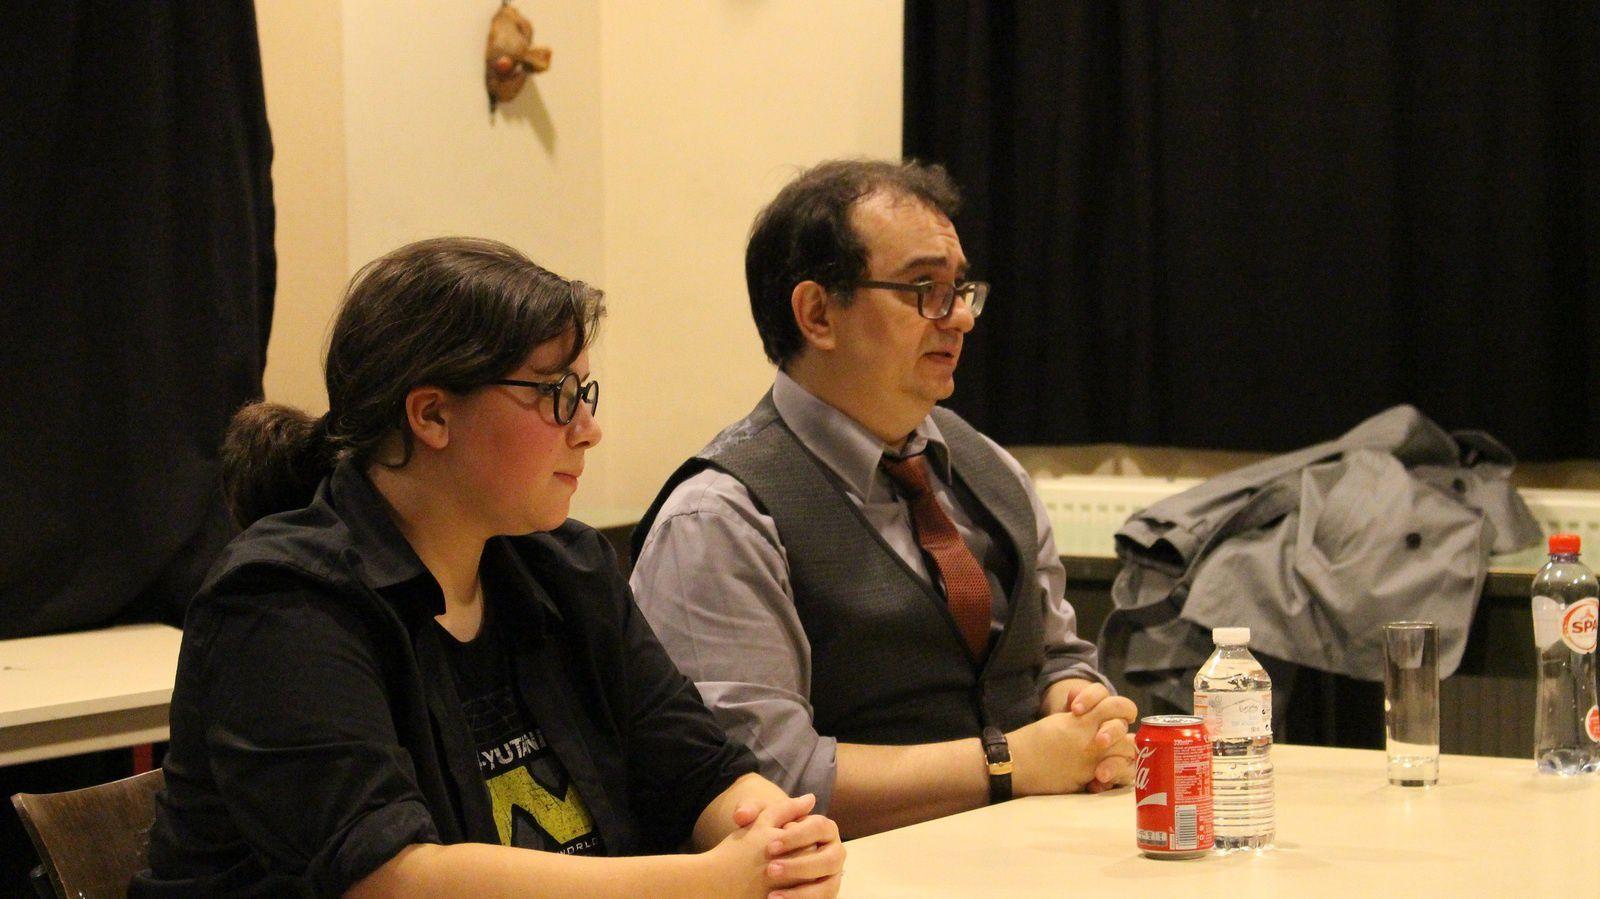 Rencontre littéraire sur la Fantasy avec Pierre Pevel & Astrid Méan : photos + vidéo !